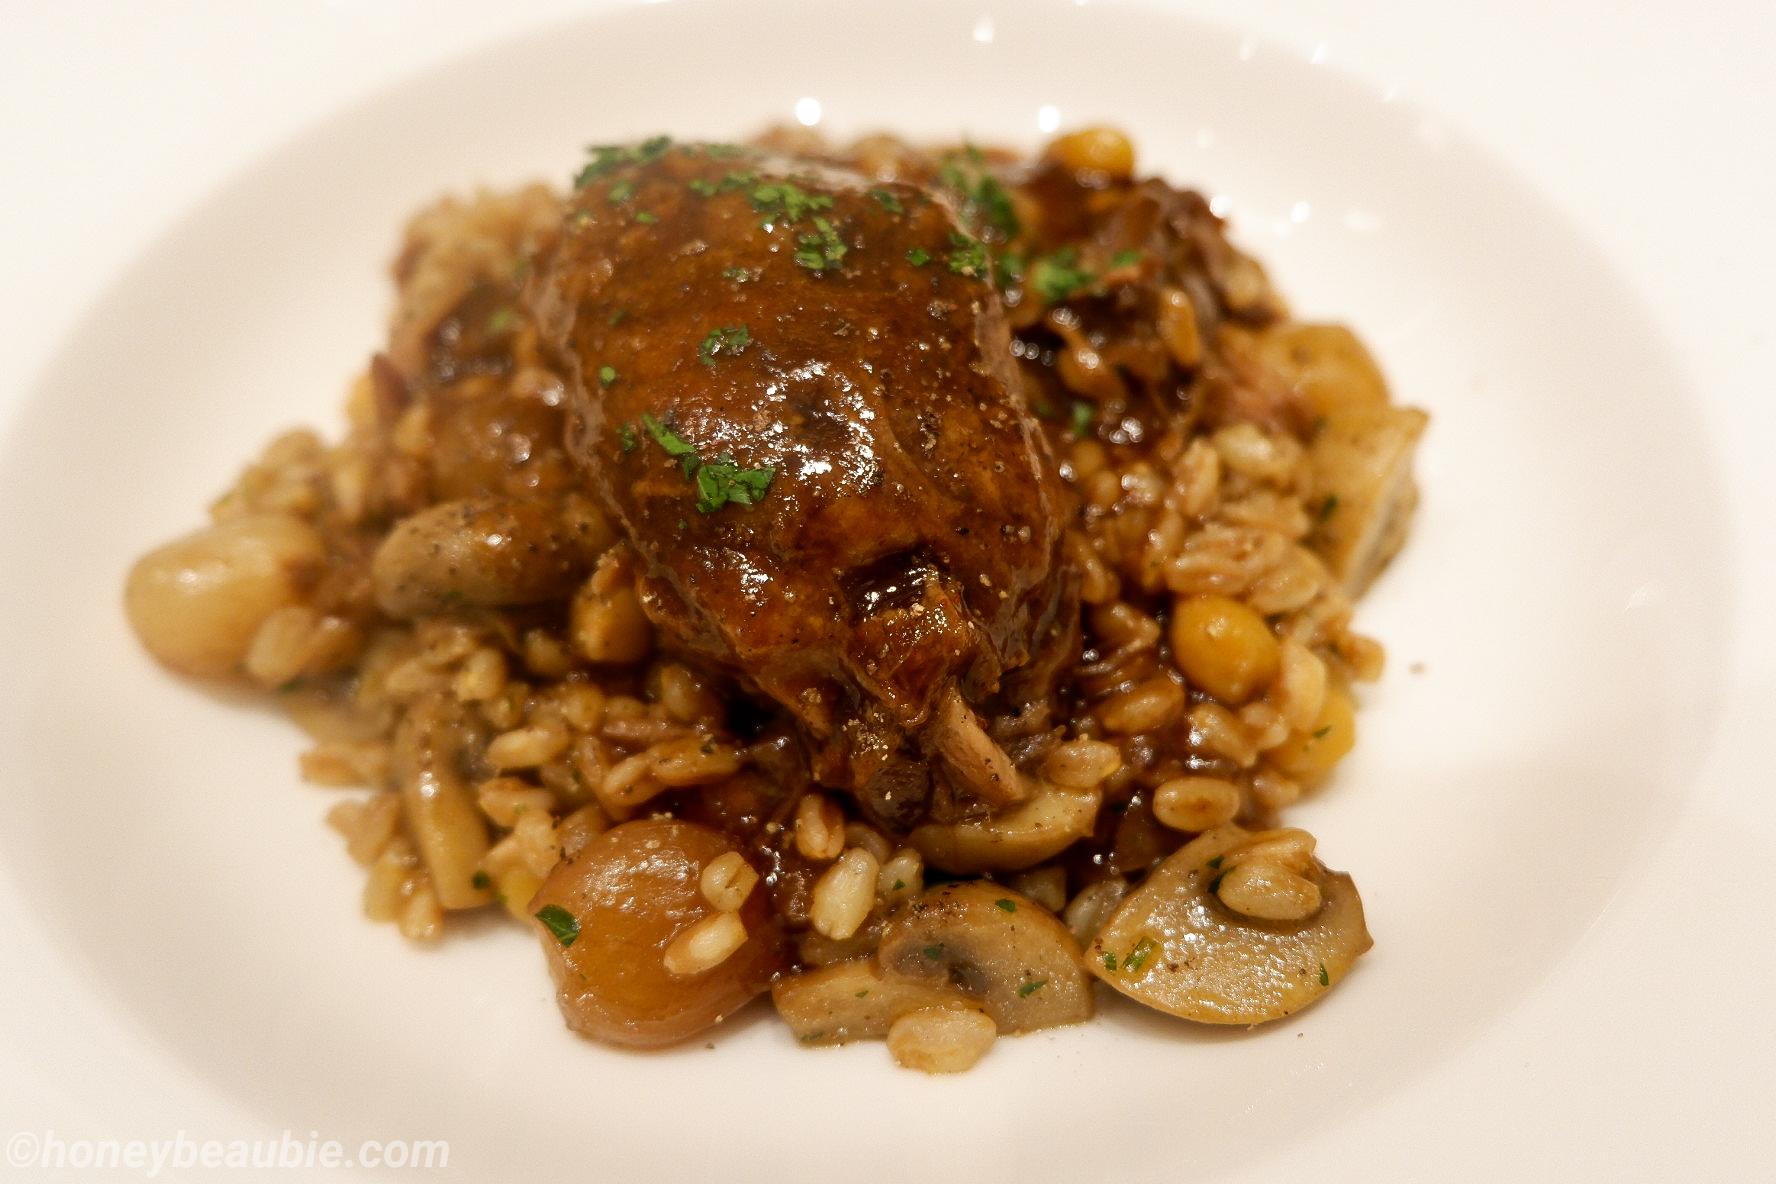 lamb-confit-farro-risotto-cafe-bateel-signature-dish-menu